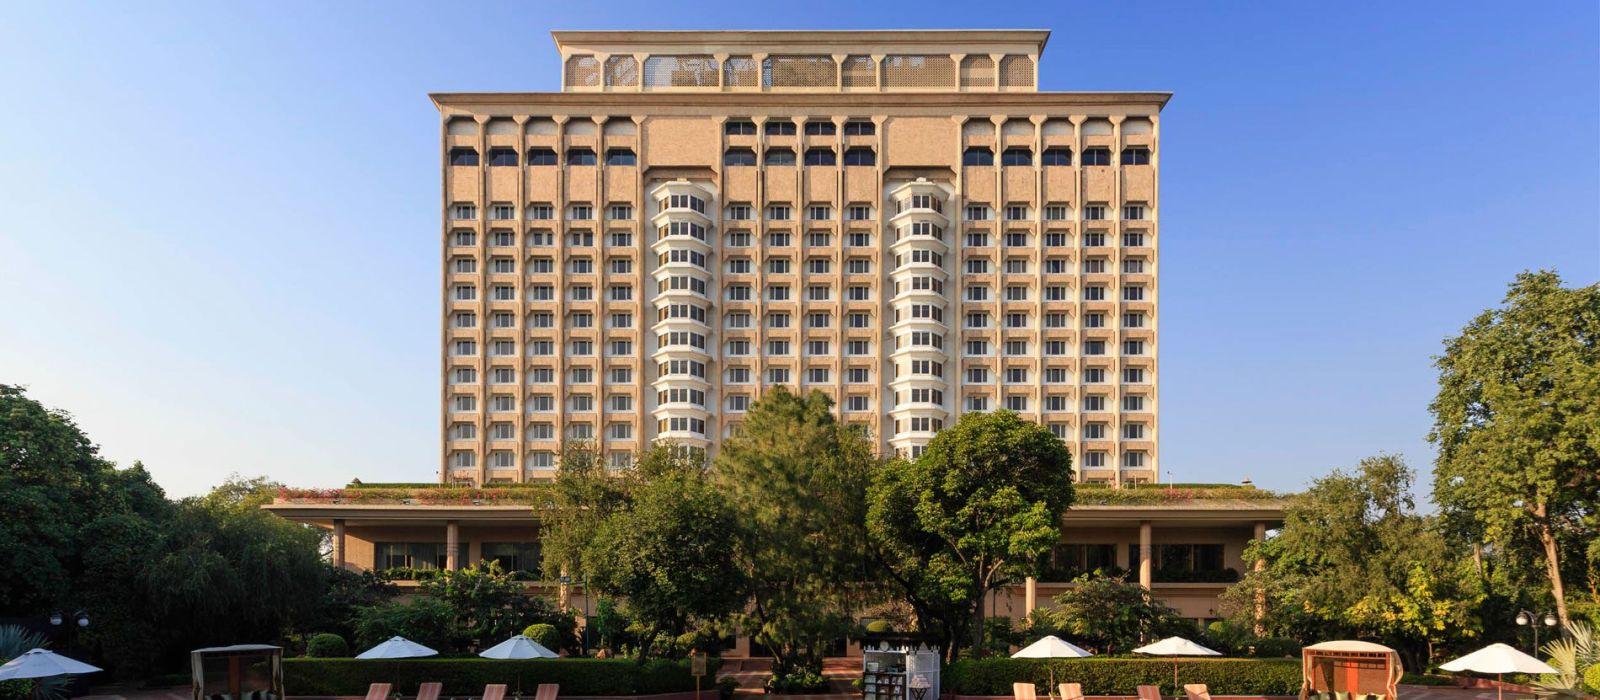 Hotel Taj Mahal, New Delhi Nordindien